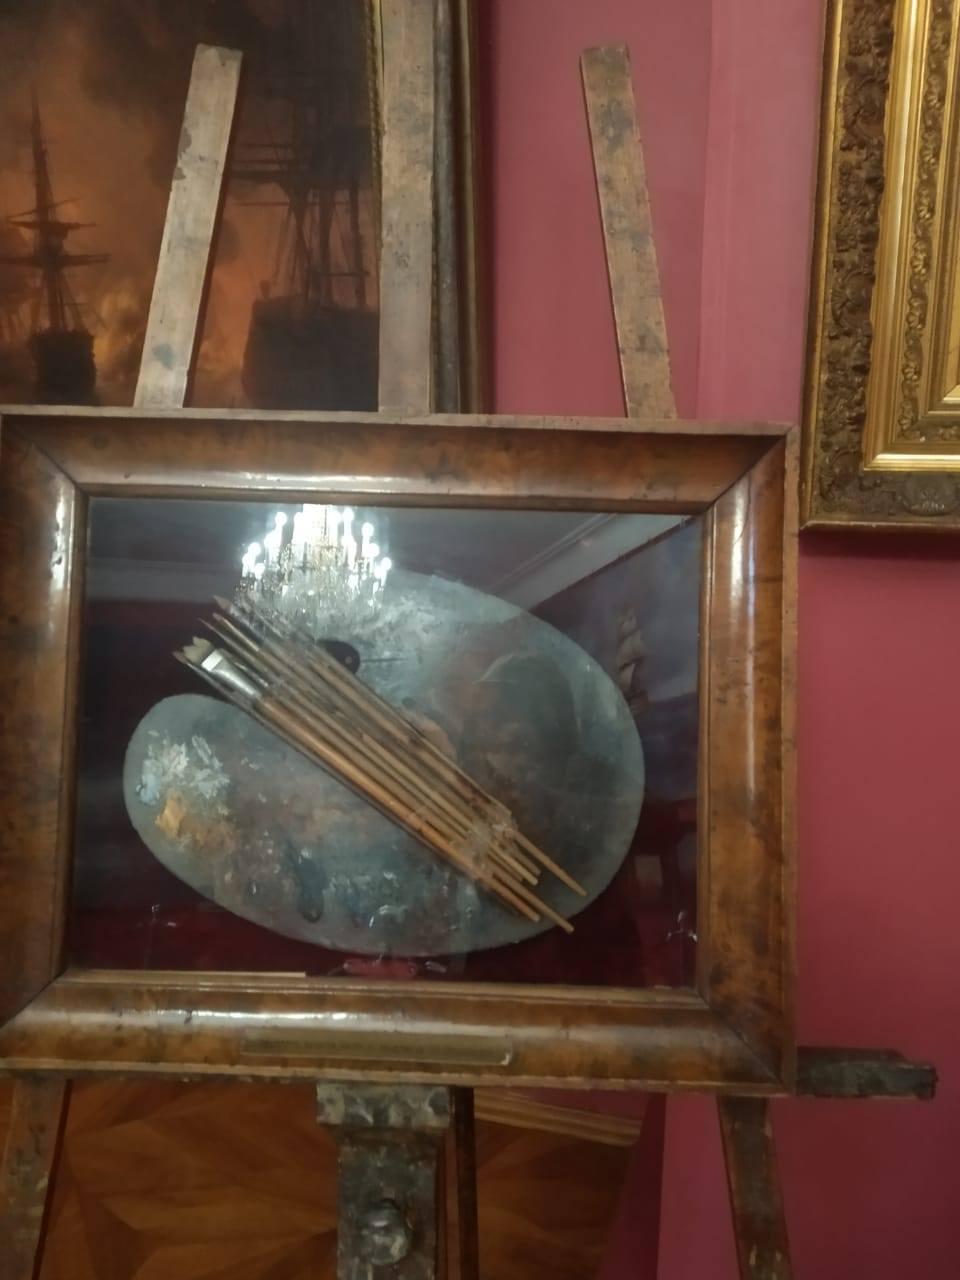 а это фото палитры Айвазовского сохранил на своей странице Влад Луцев (  https://www.facebook.com/photo?fbid=1038228783269699&set=a.215246092234643 )